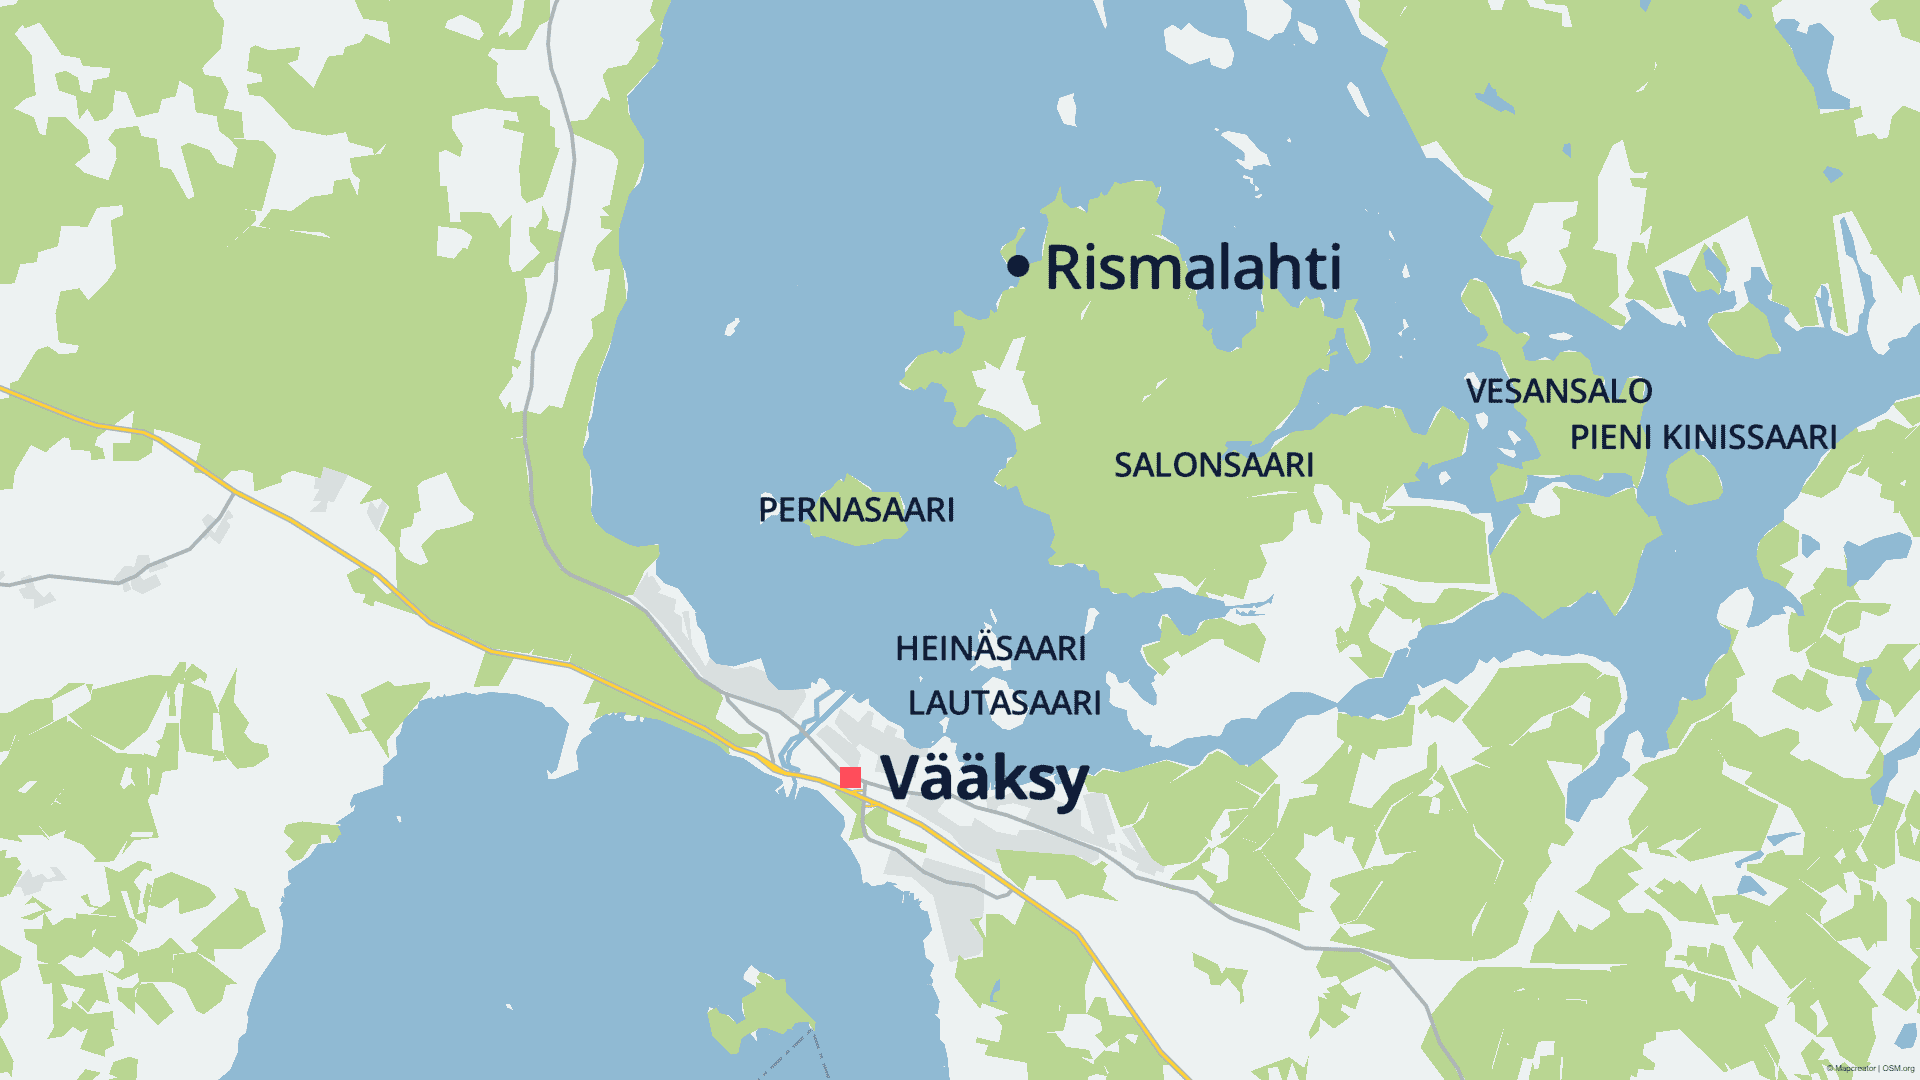 Karttakuva, johon on merkitty Vääksy, saaria ja Rismalahti